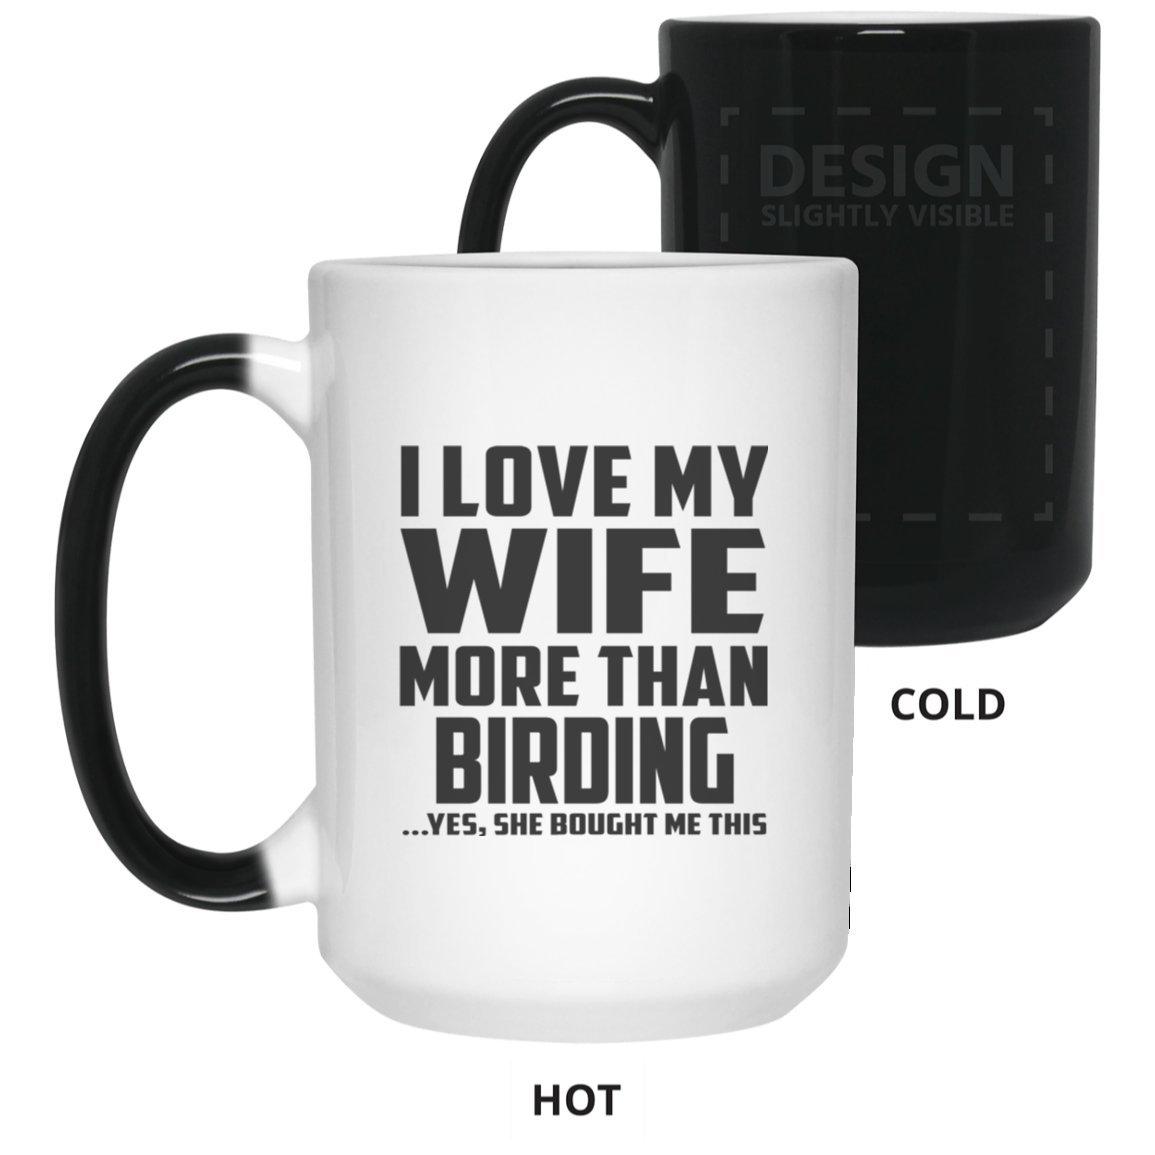 夫Magic Mug, I love my wife More Than Birding。はい、彼女は買ったMeこの – 15 ozカラーChanging Mug、熱Sensitiveカップ、最高のギフトメンズ、男、彼、ボーイフレンドから妻 B07DDNQJHL